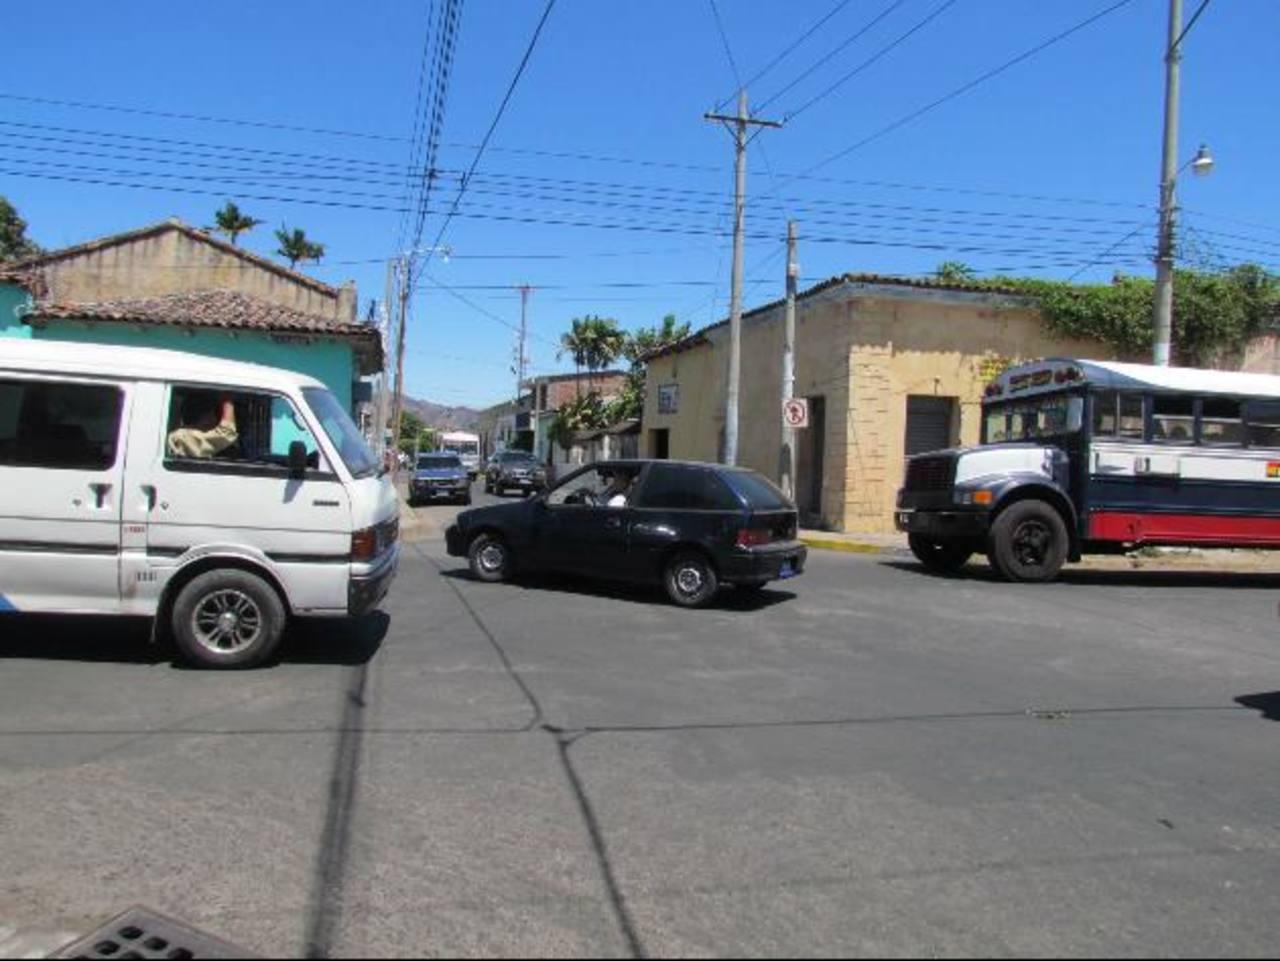 La falta de semáforos en algunos puntos obliga a conductores a no respetar a otros vehículos. Foto EDH / mauricio guevara